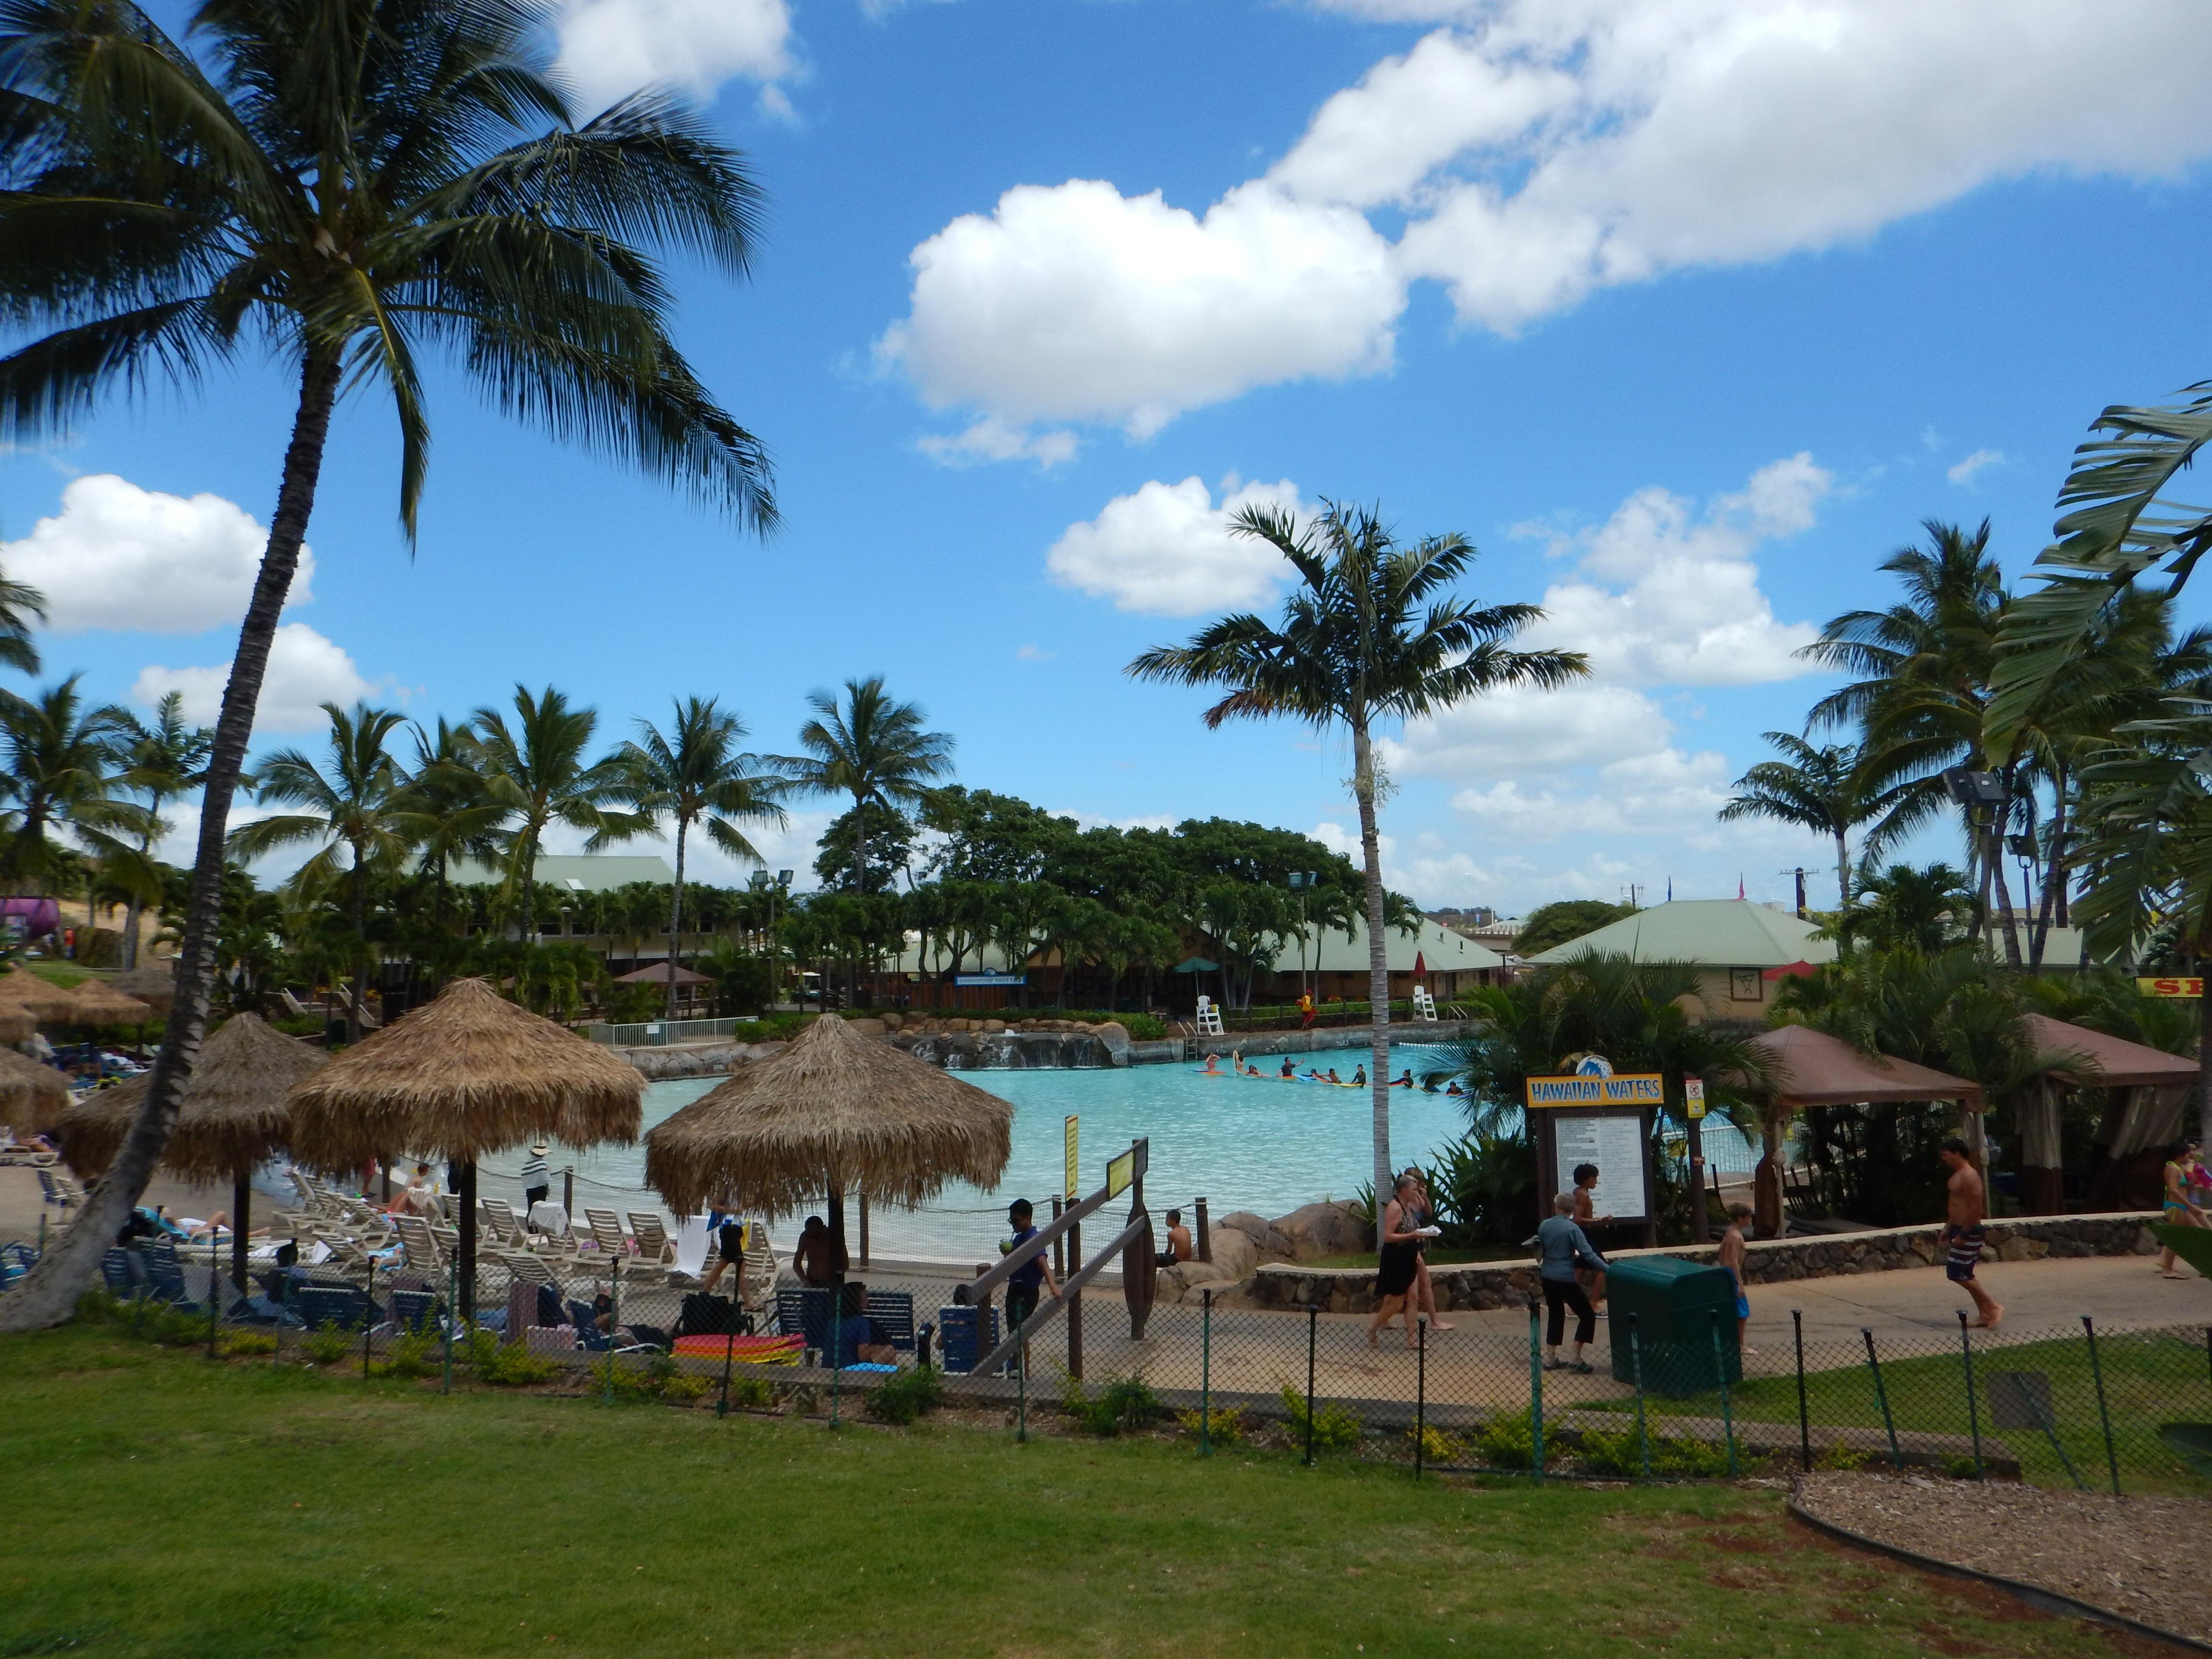 ハワイ Wet'n Wild Hawaii の現地フード価格等を紹介します。